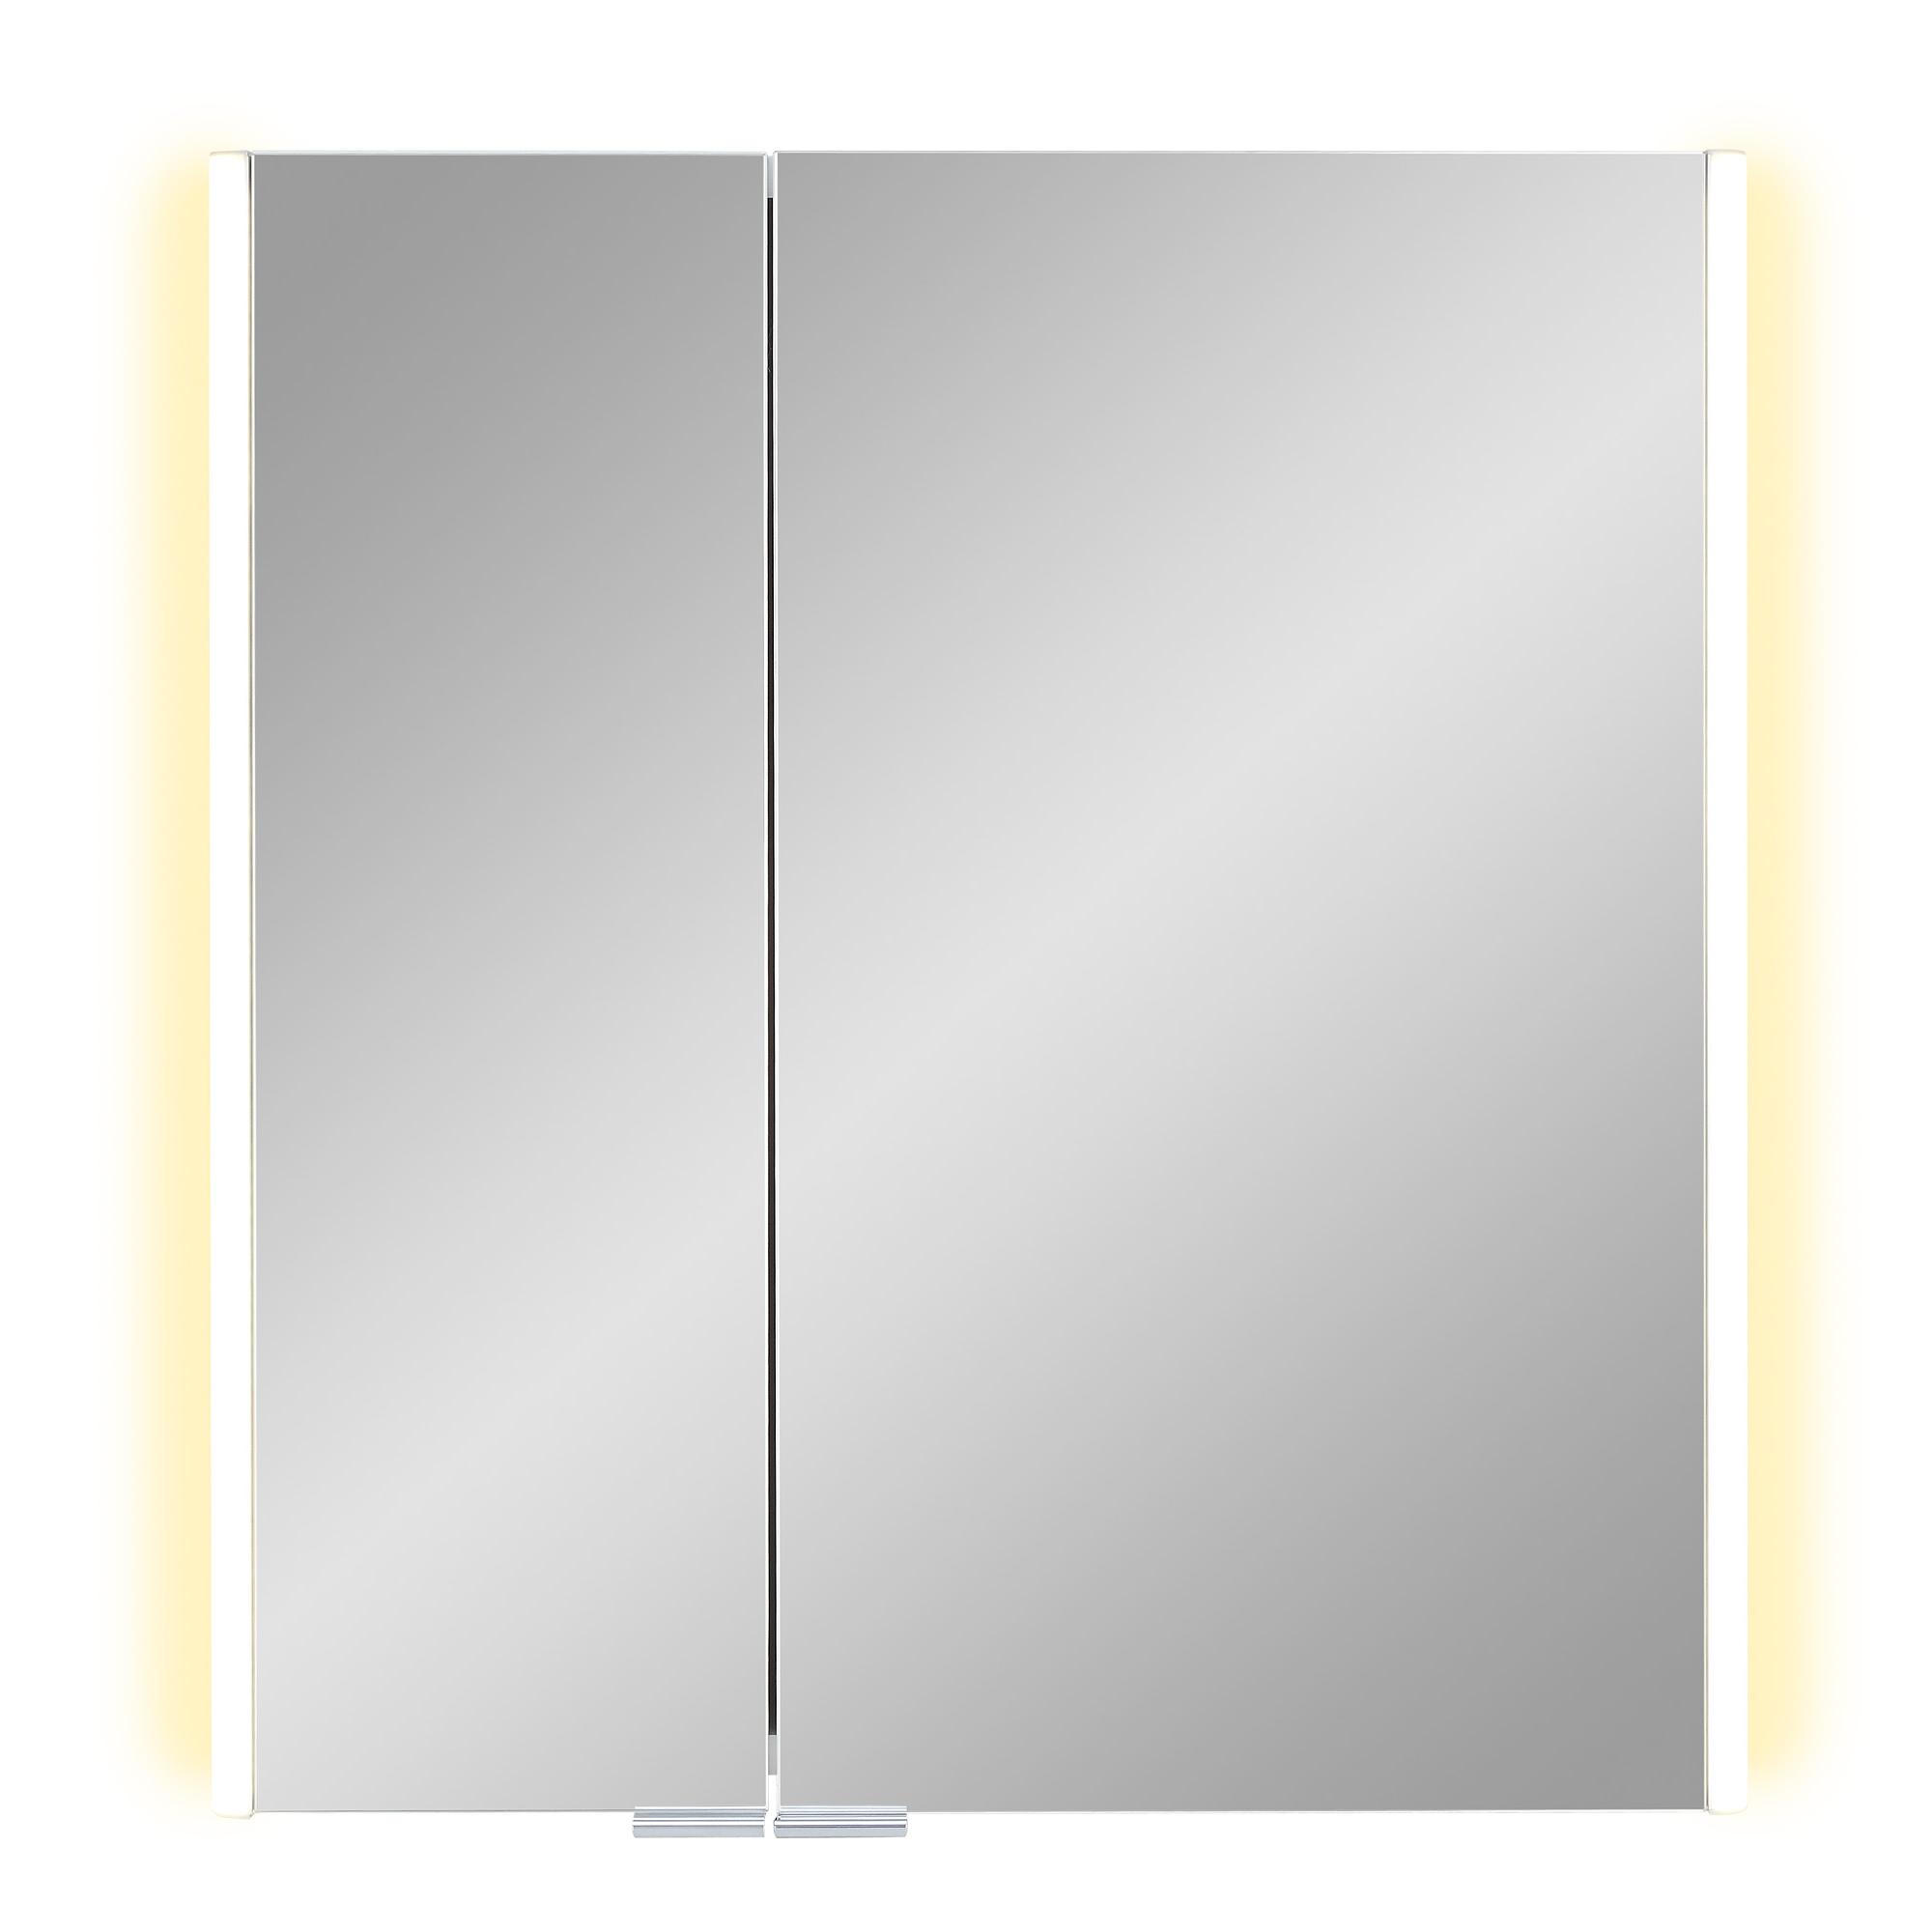 Image of Astor LED-Spiegelschrank 'Tomi' 60 x 65 x 18 cm weiß